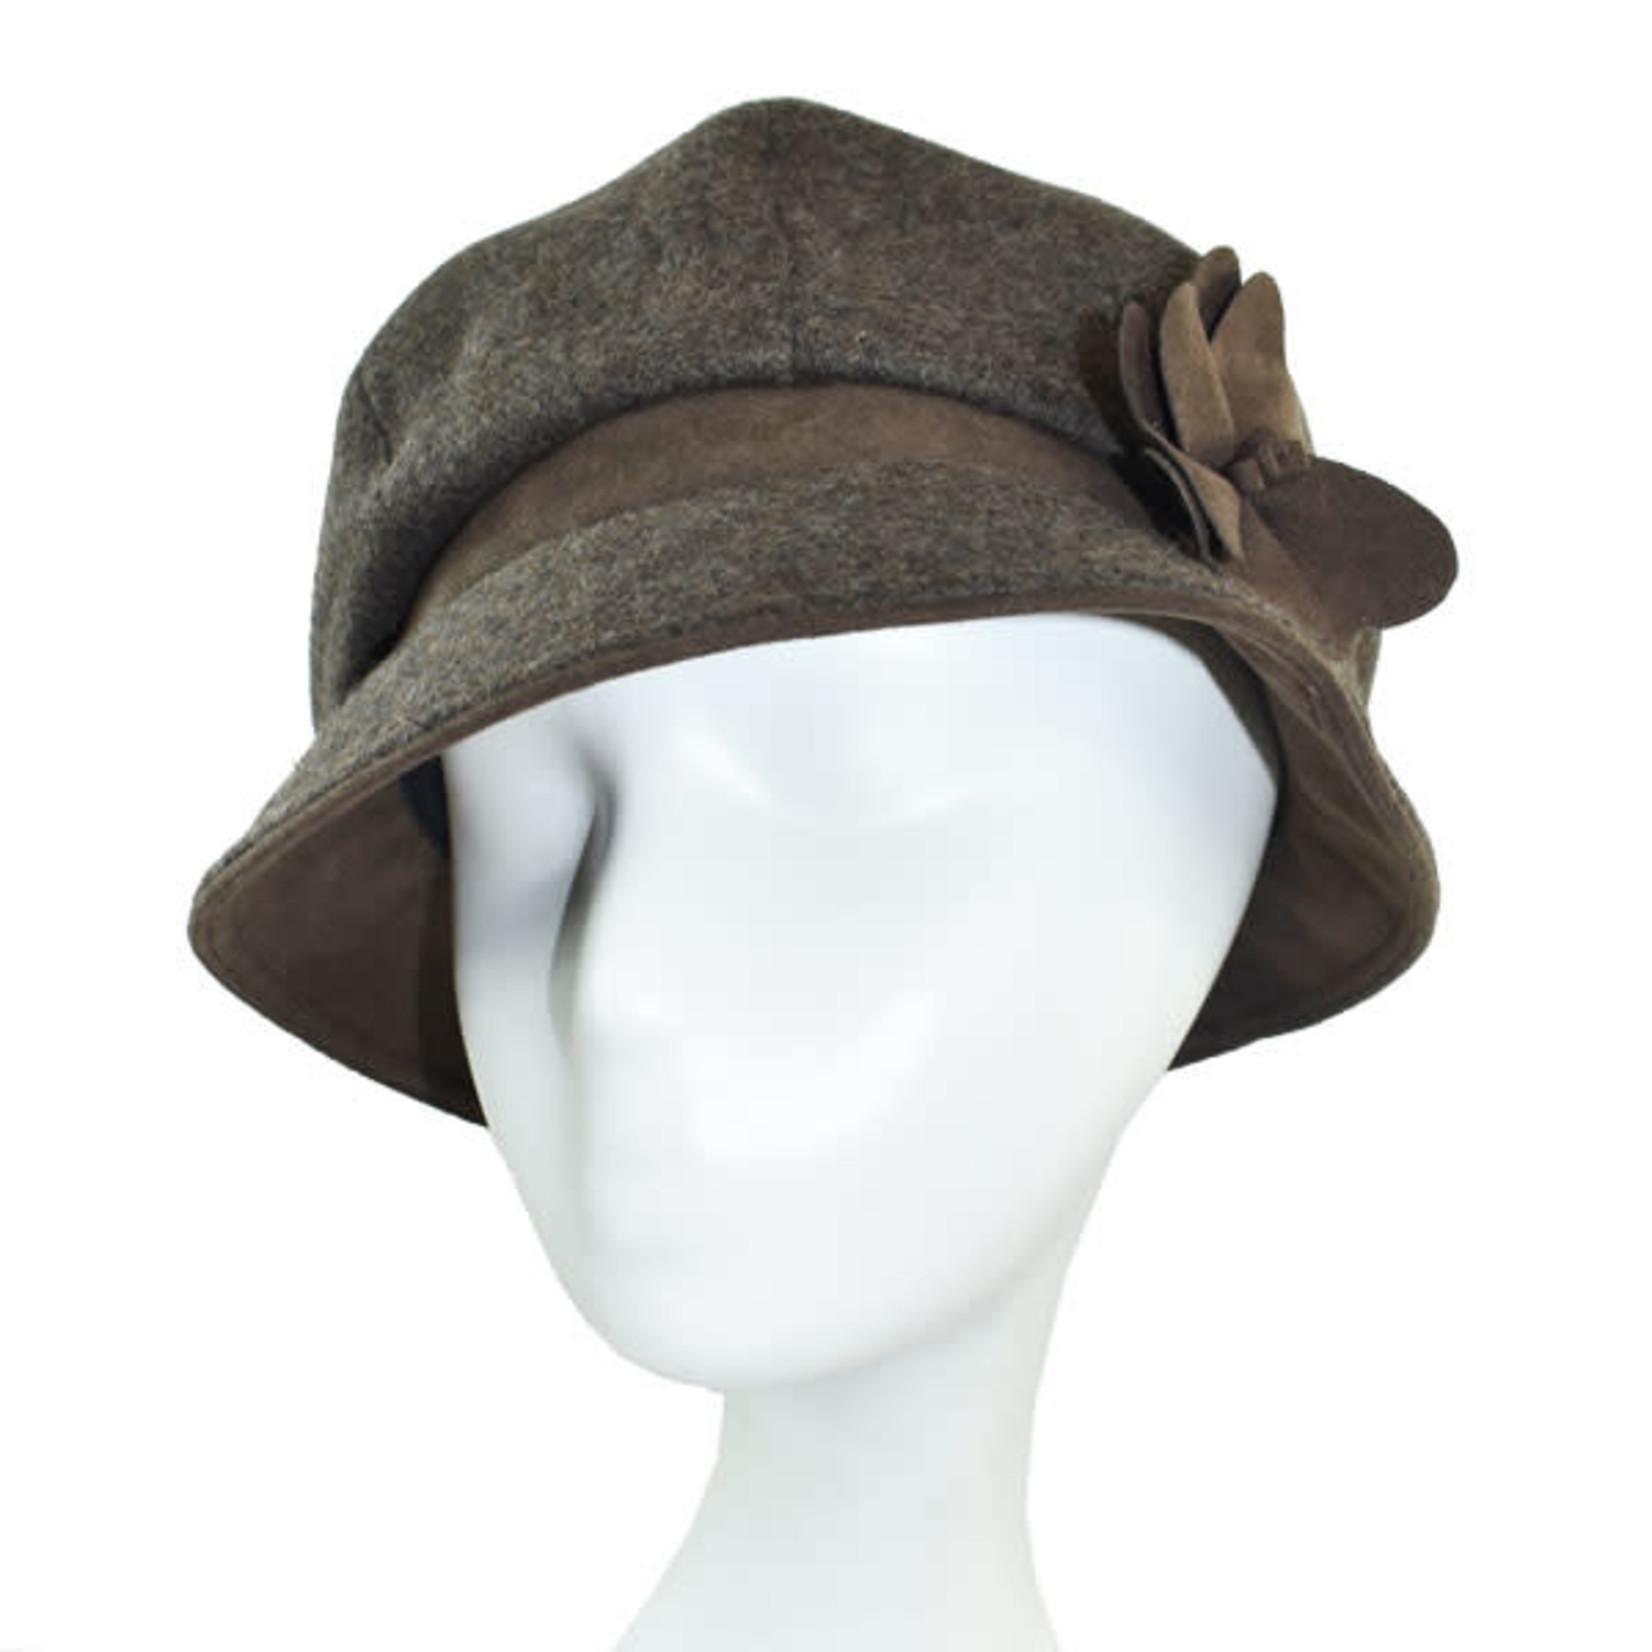 Beckett Wool Puff Hat w/ Side Flwr in Coffee